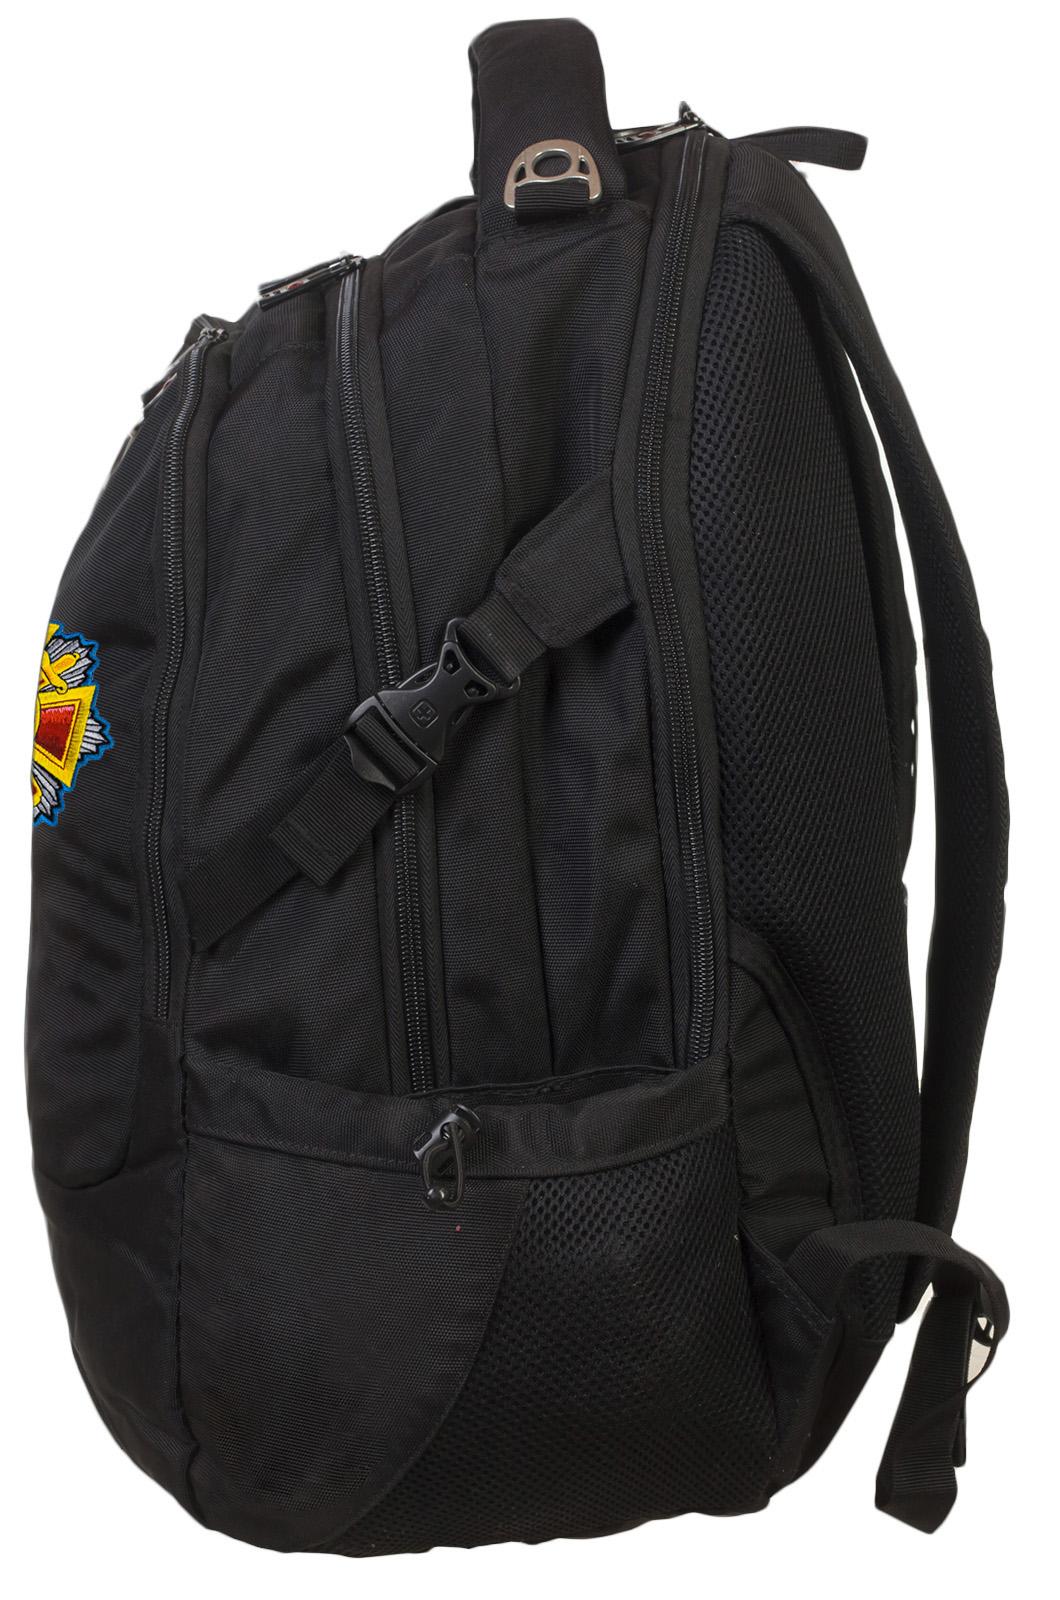 Эргономичный надежный рюкзак с нашивкой Полиция России - купить выгодно